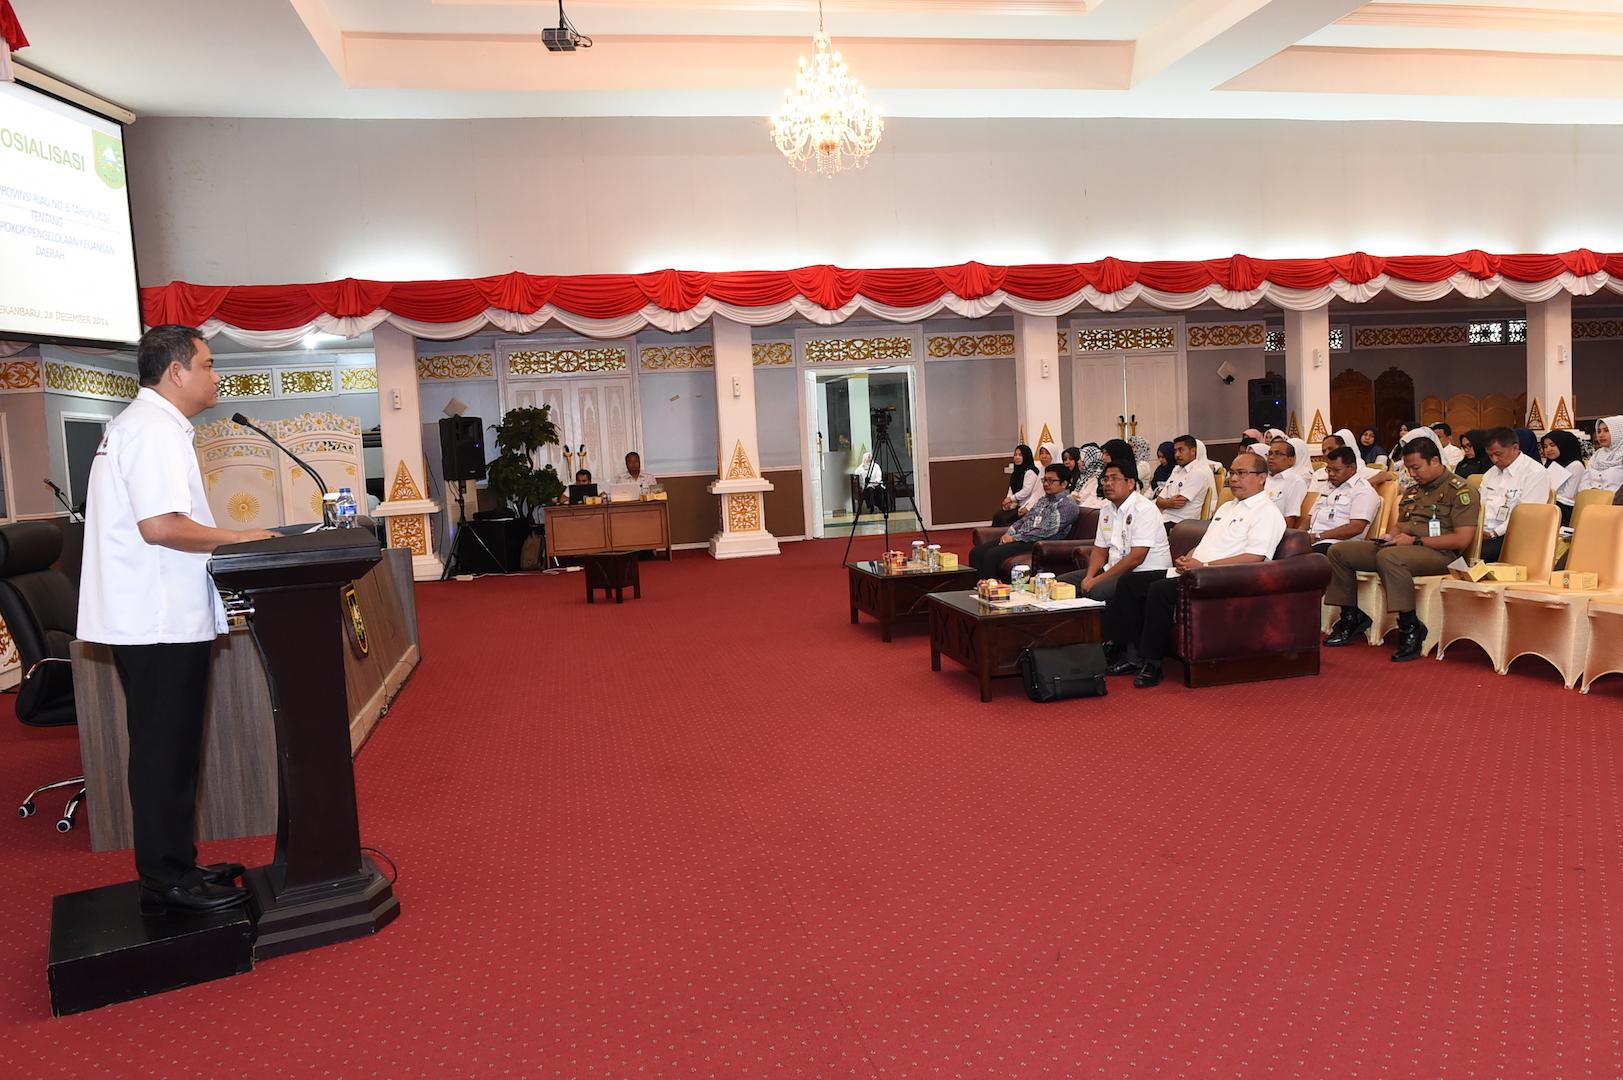 Sekda Prov Riau memberikan sambutan dan arahan saat Hadir sekaligus membuka Sosialisasi PERDA Prov Riau no 6 Th 2016 Tentang Pokok-pokok Pengelolaan Keuangan Daerah di Balai Pauh Janggi Gedung daerah